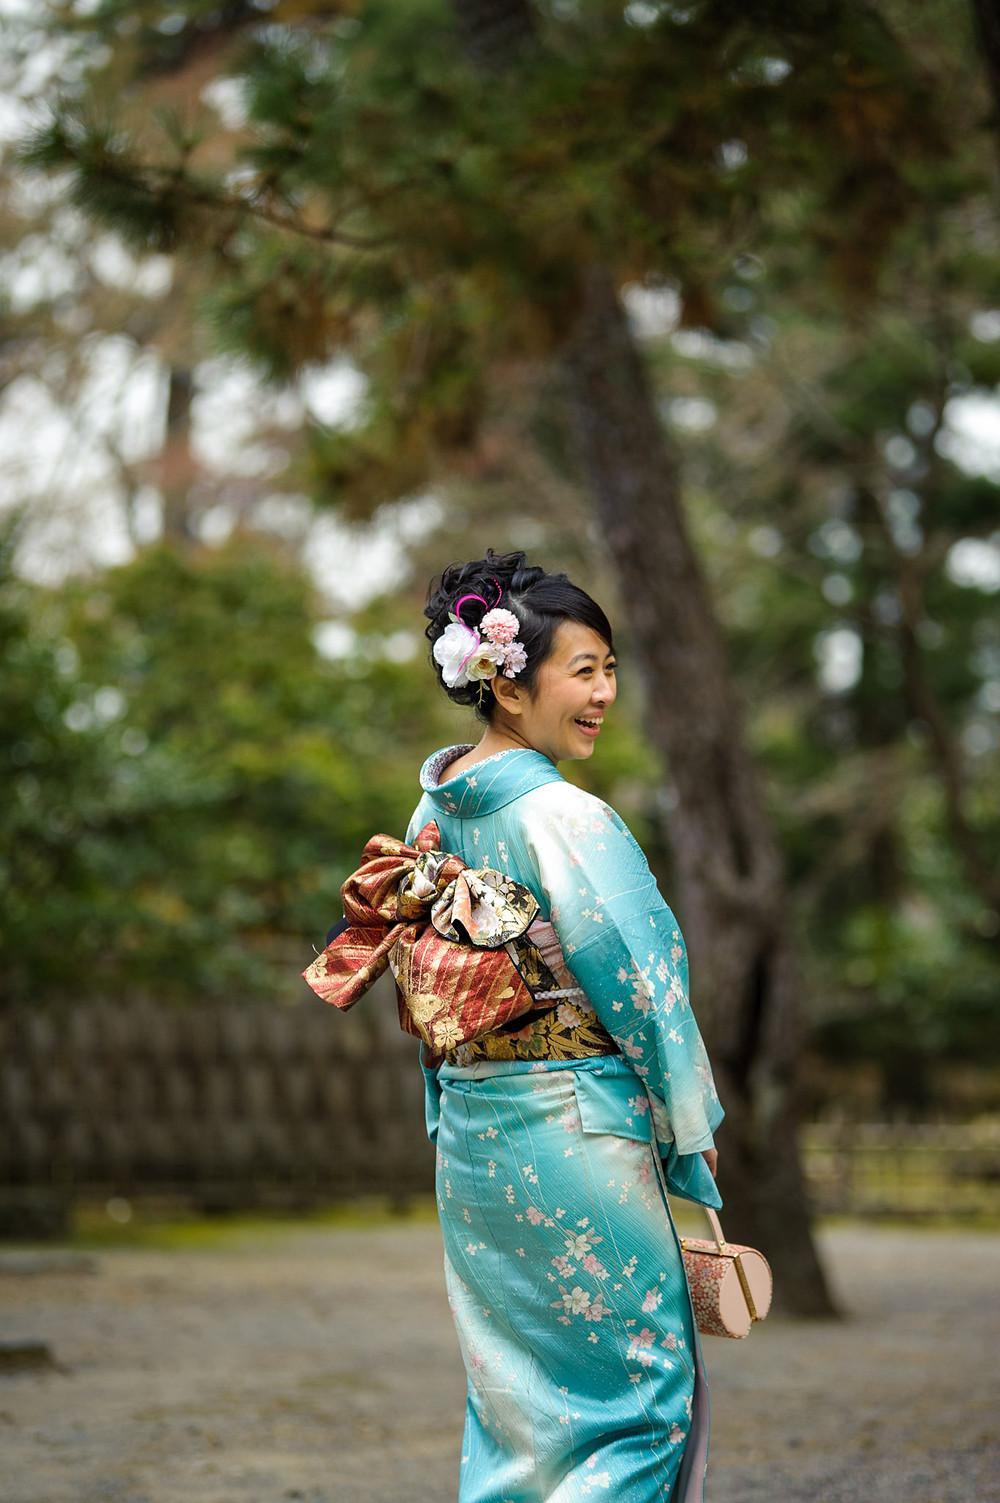 Carina poses in her beautiful Kimono